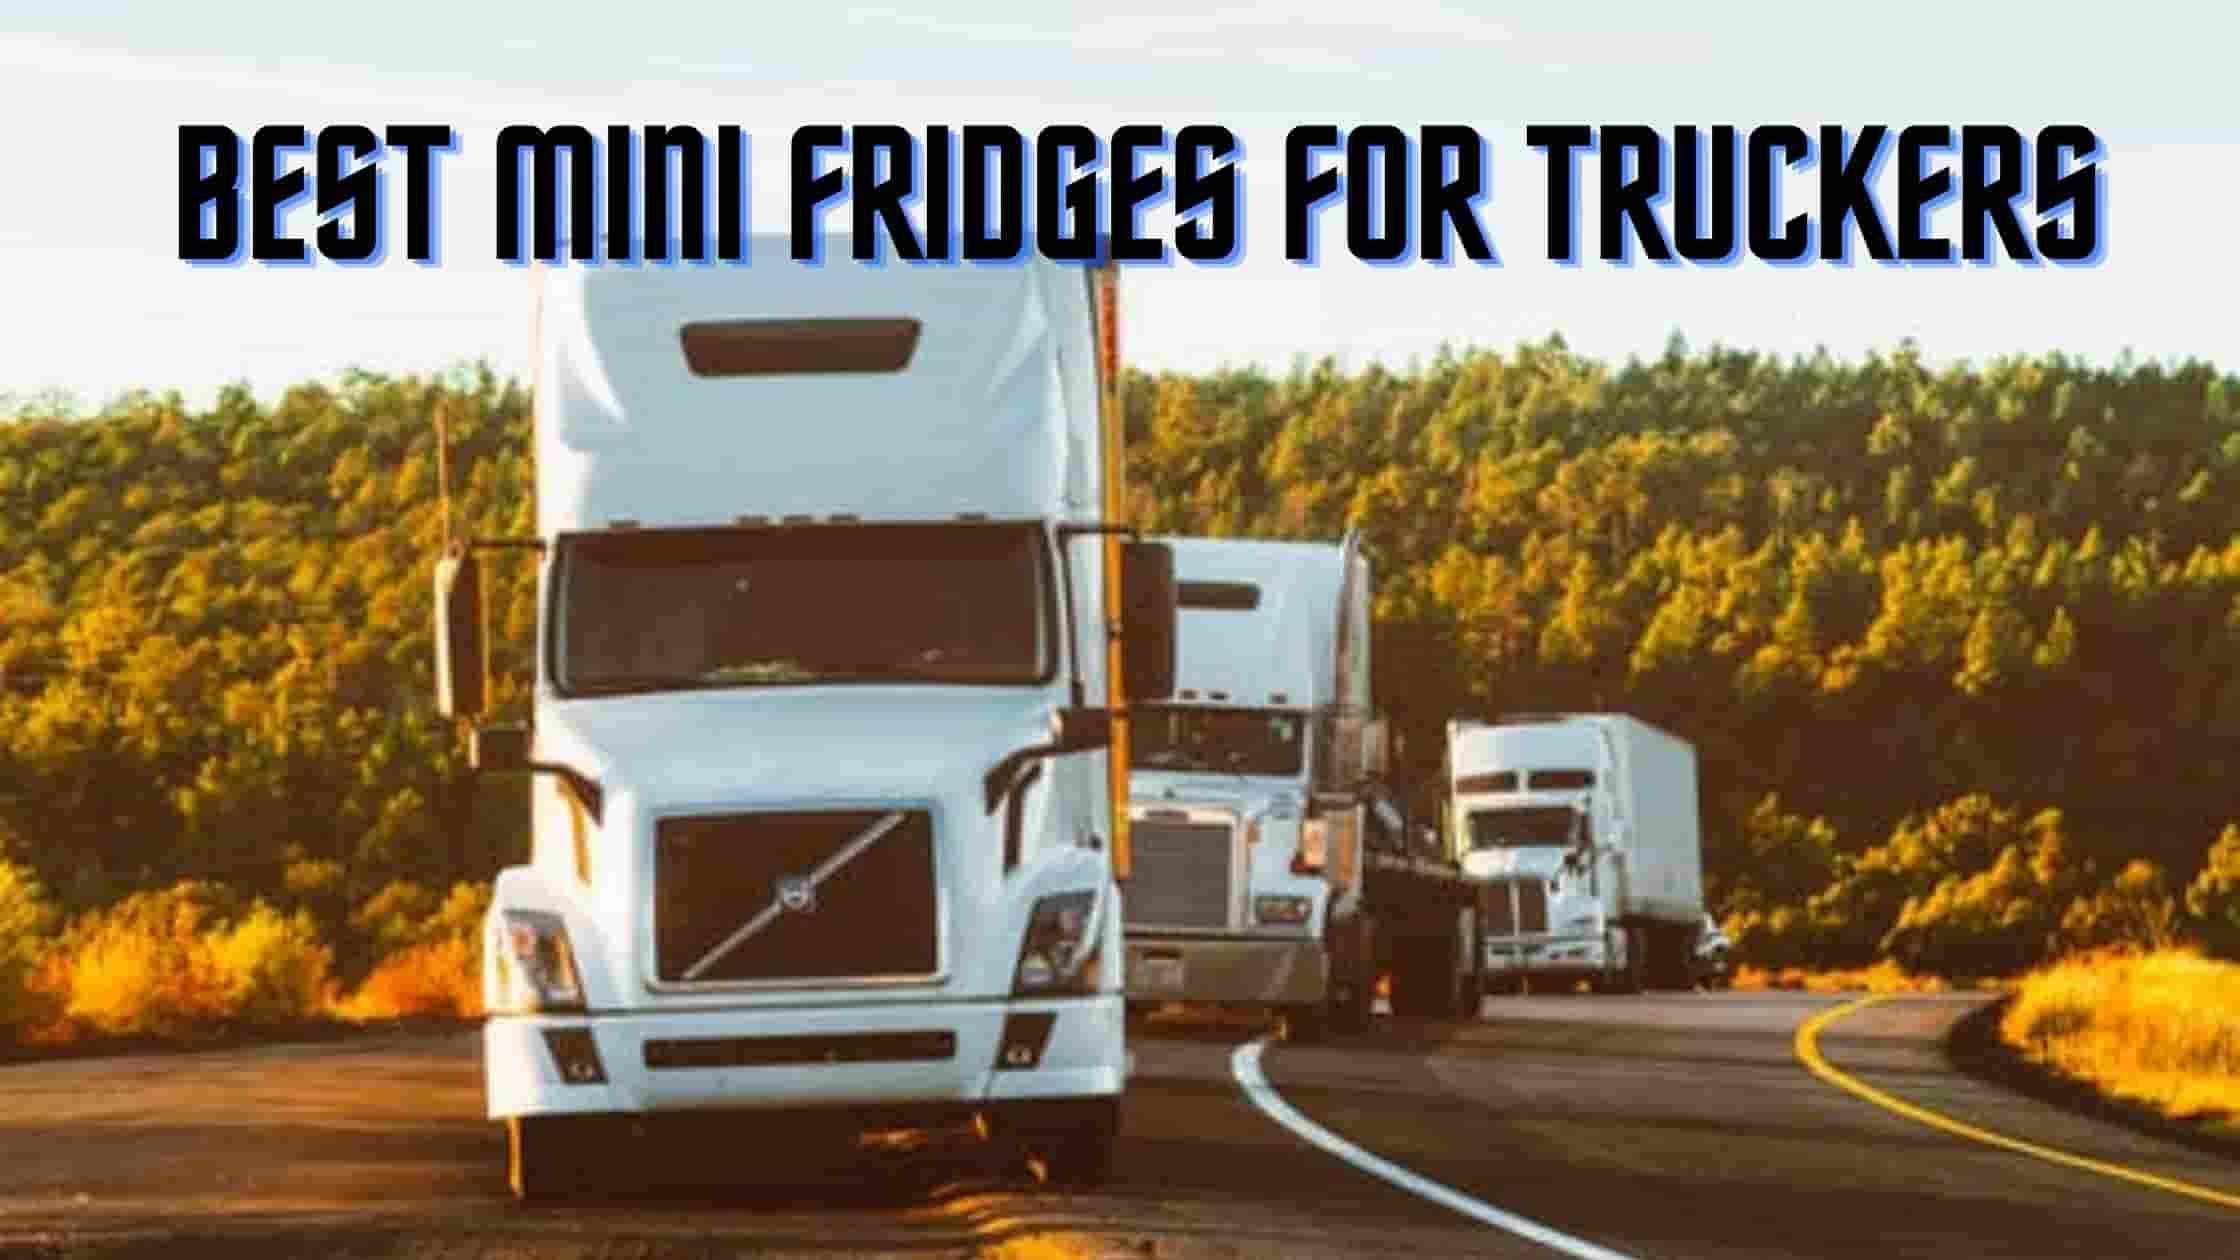 Best Mini Fridges for Truckers